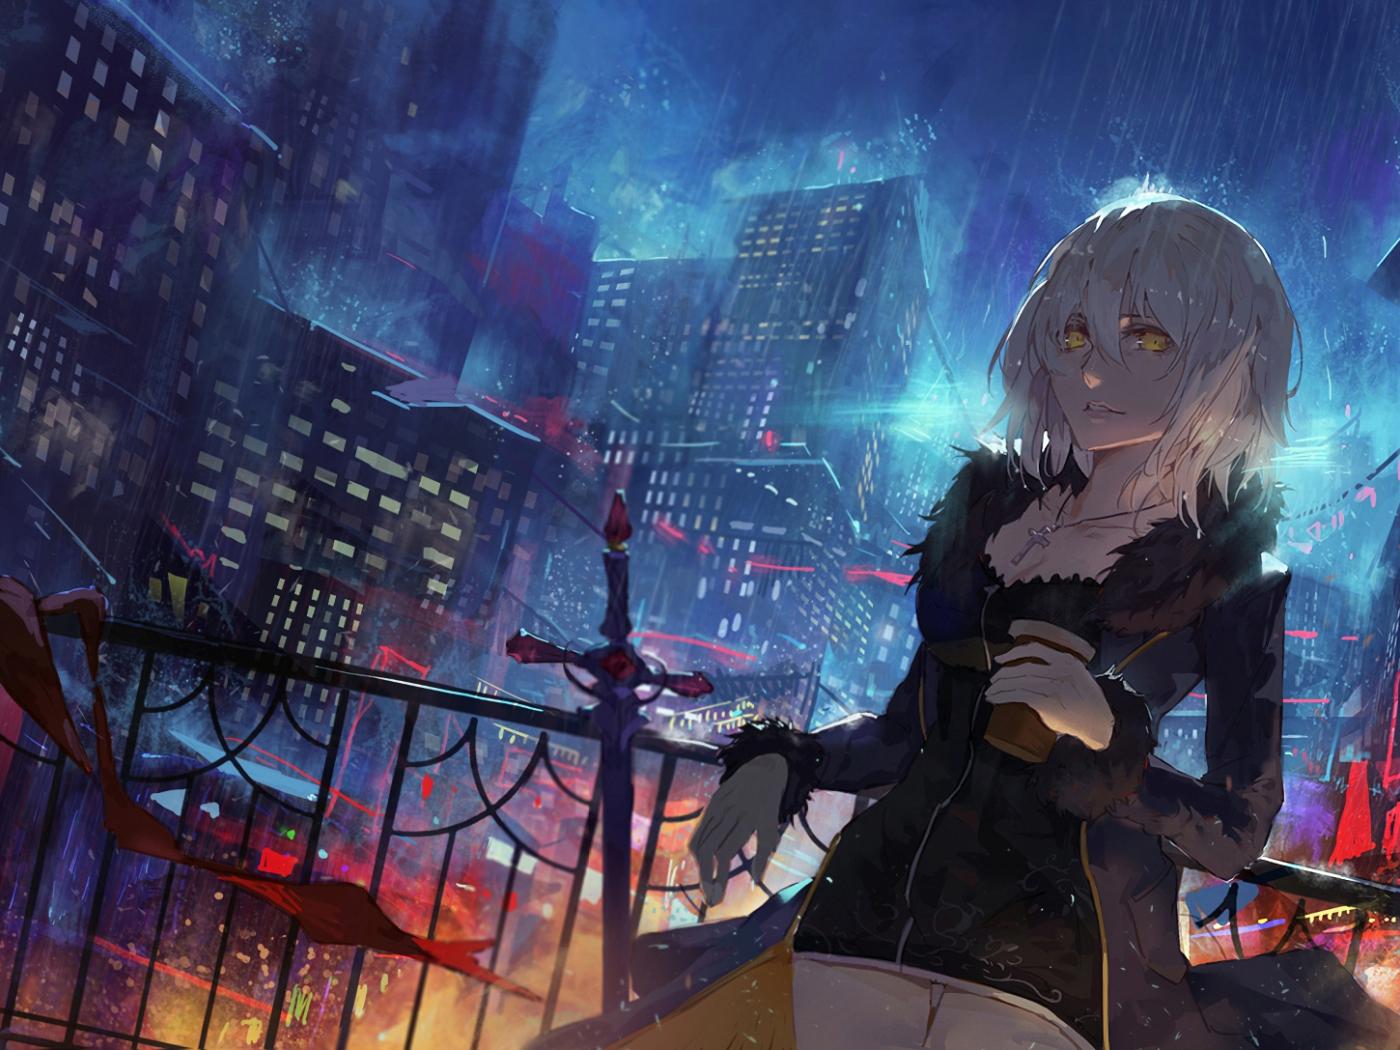 Anime Wallpaper Hd Jeanne Fgo Wallpaper